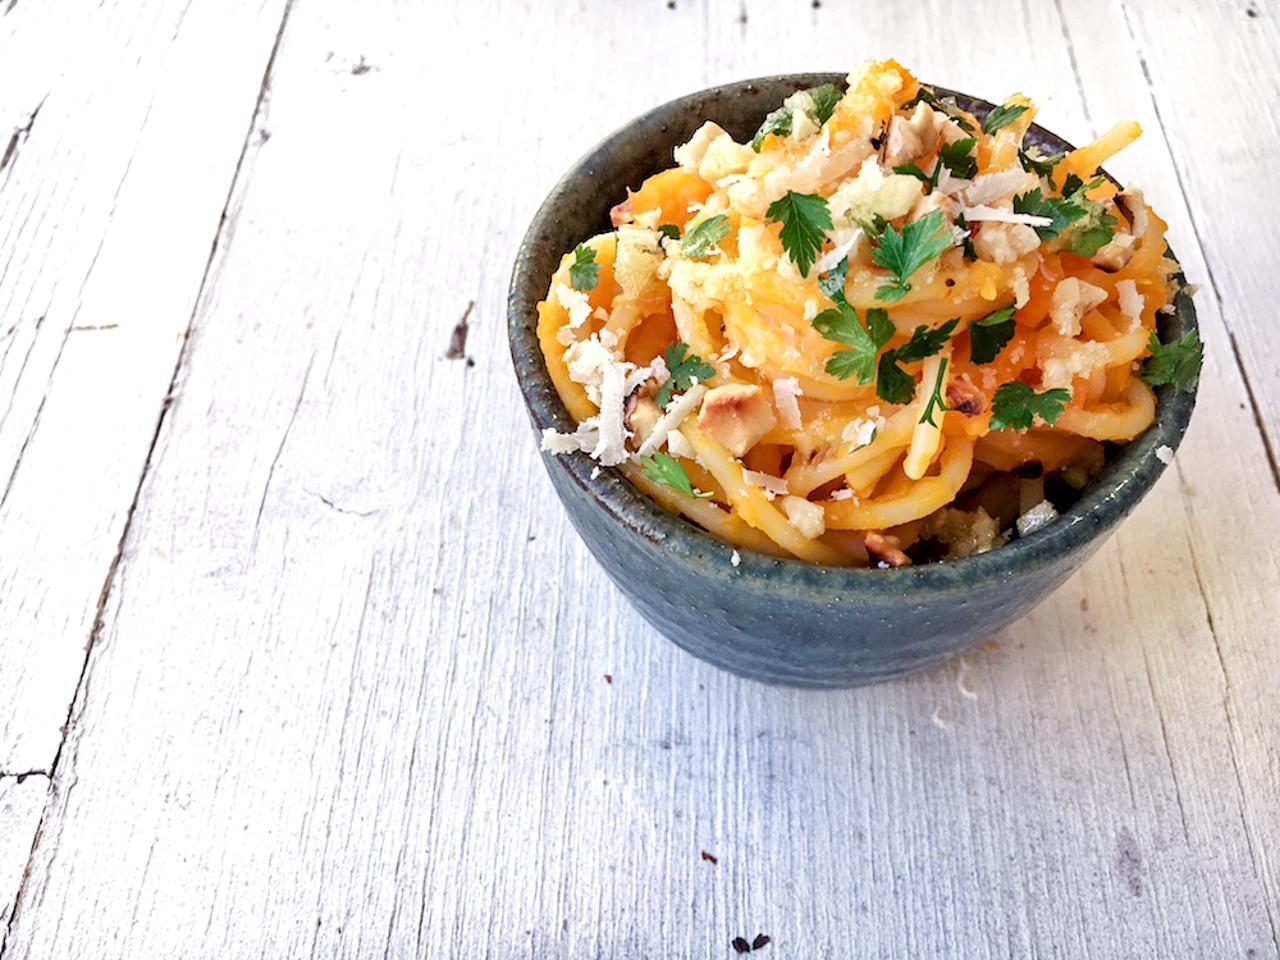 Spaghetti mit Kürbismus, Walnüssen und Knoblauchbutter, vegetarisches Nudelrezept von Pastamaniac